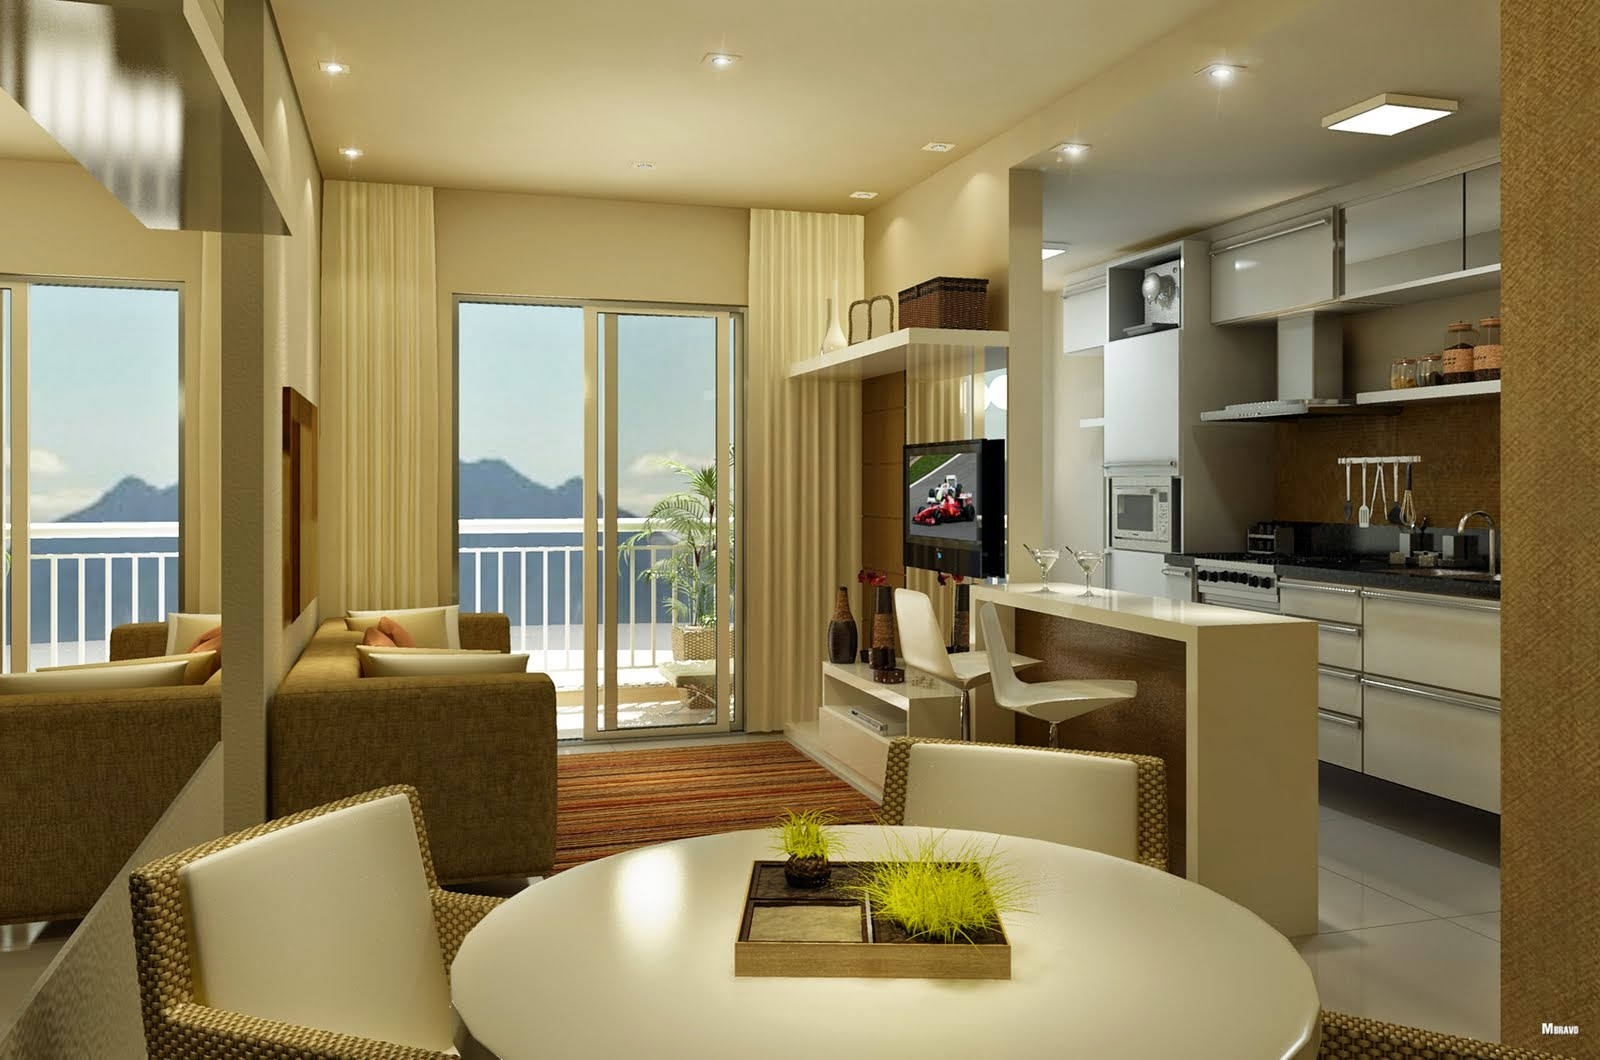 Soluções para apartamentos pequenos Apê em Decoração #3A2B12 1600 1060